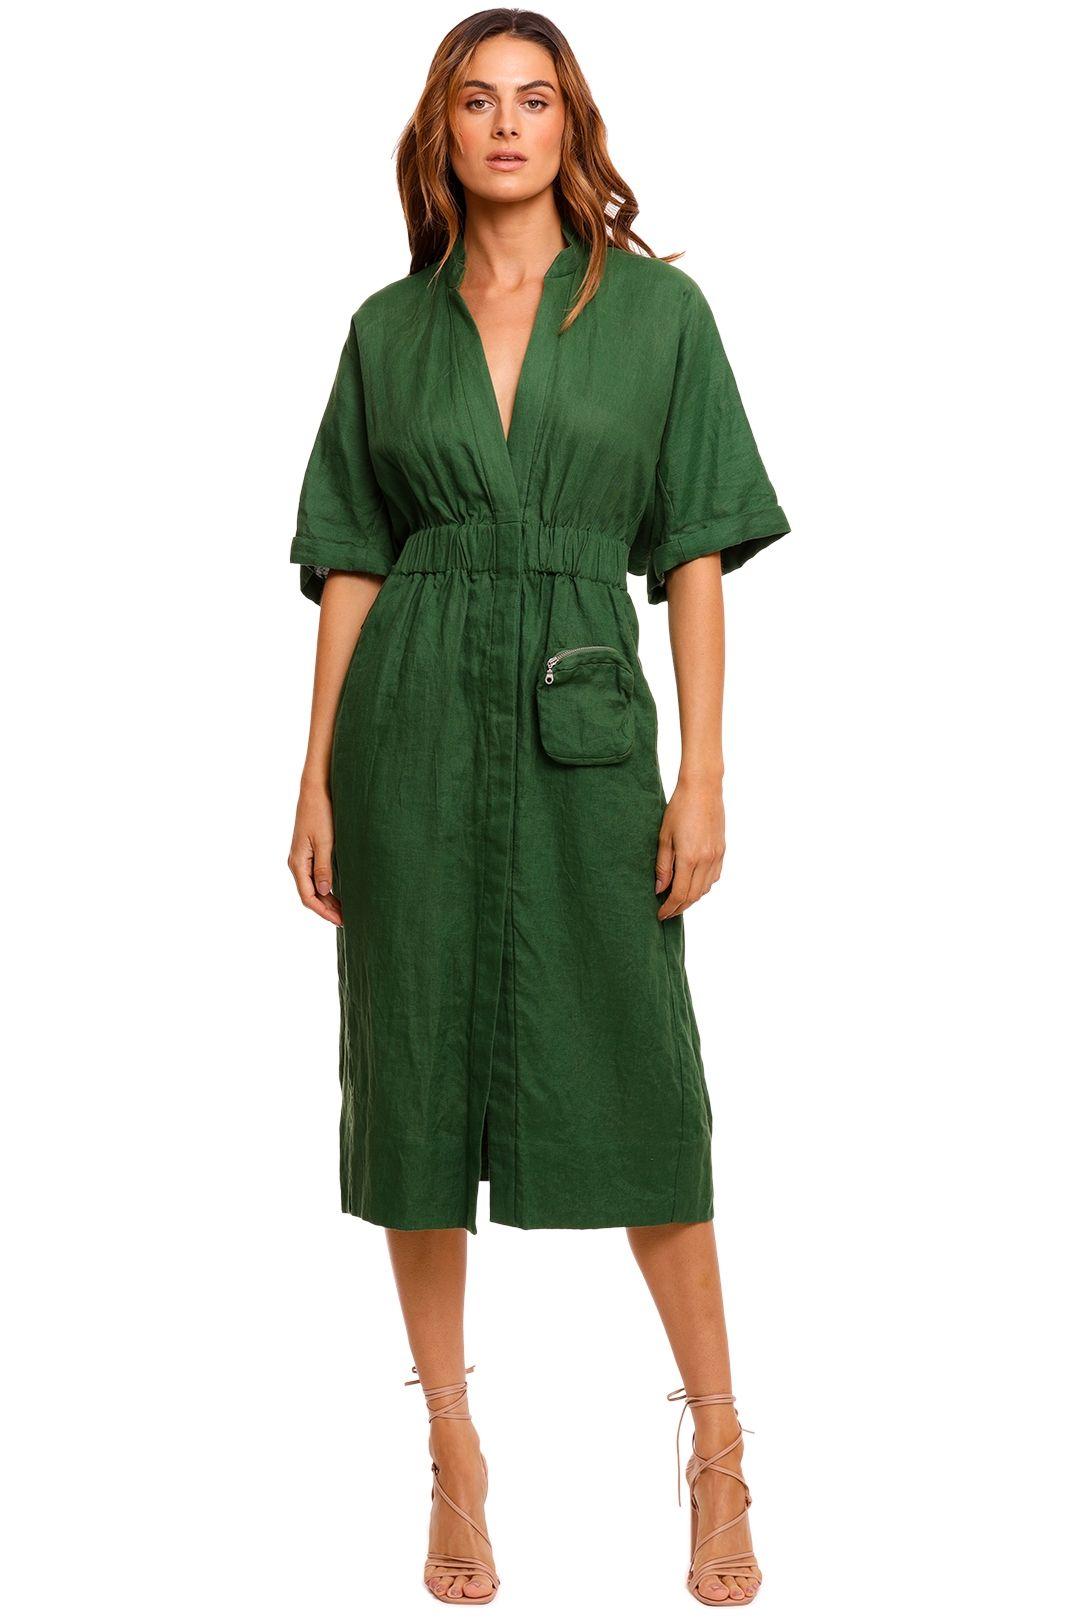 KITX Declaration Green Linen Shirt Dress half sleeve